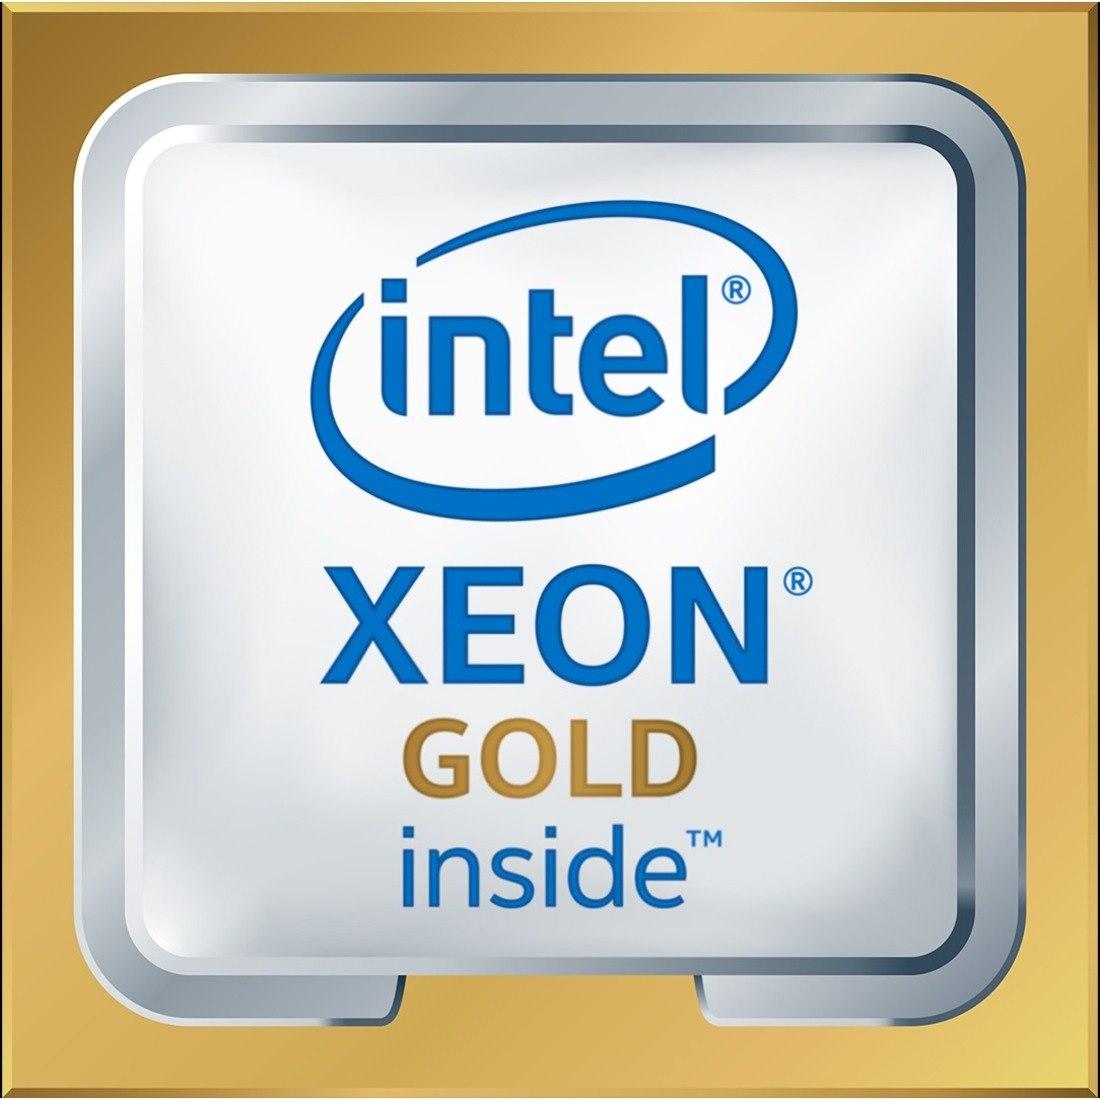 Cisco Intel Xeon Gold 6134M Octa-core (8 Core) 3.20 GHz Processor Upgrade